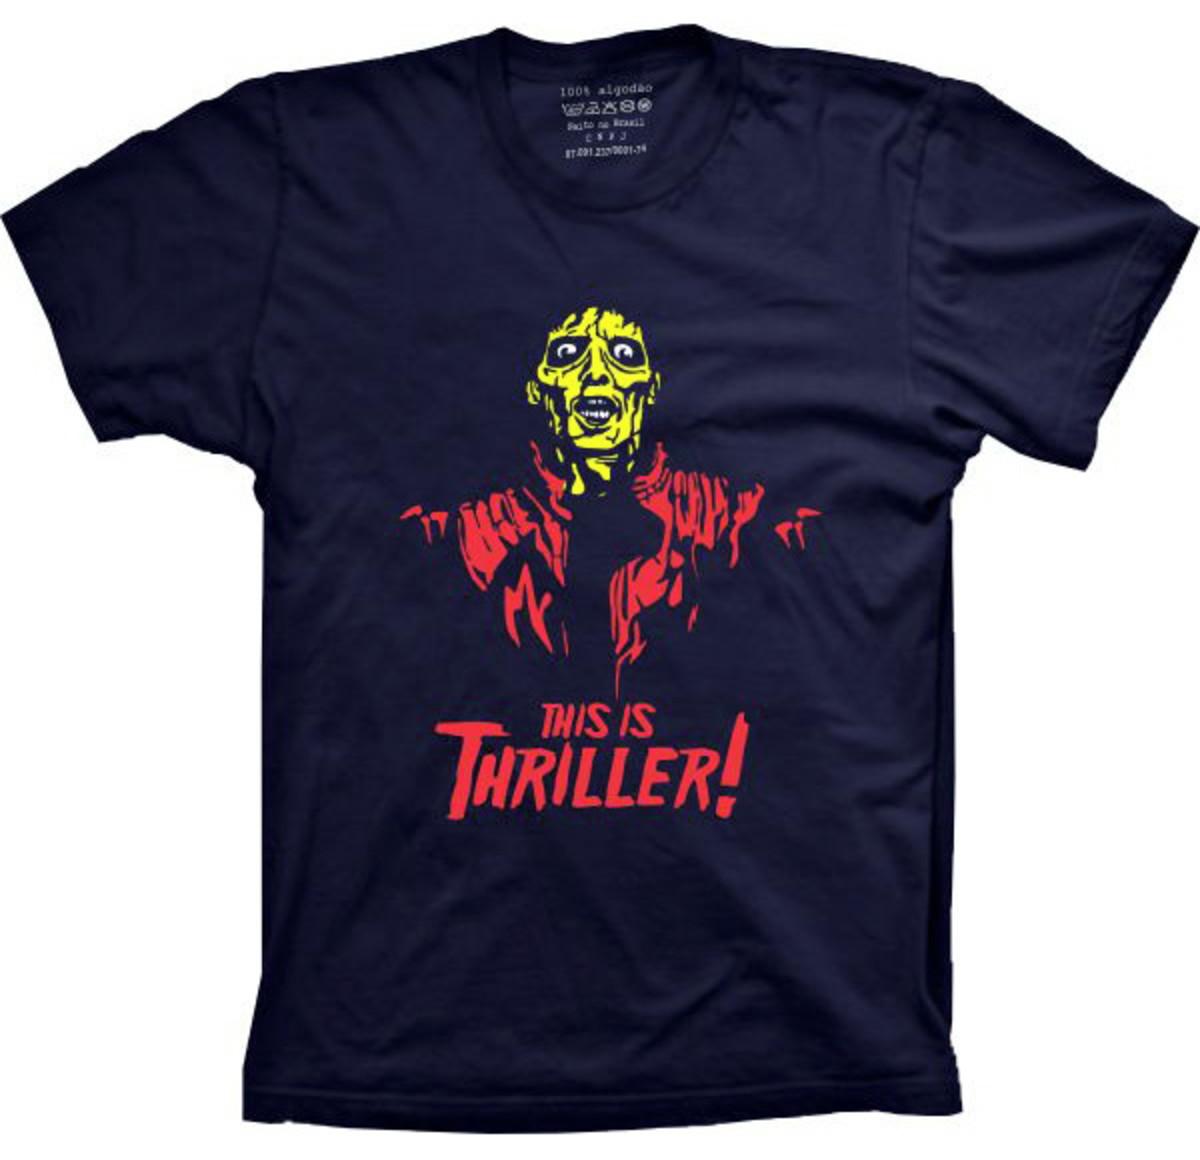 71752c27cc Camiseta Michael Jackson Thriller no Elo7